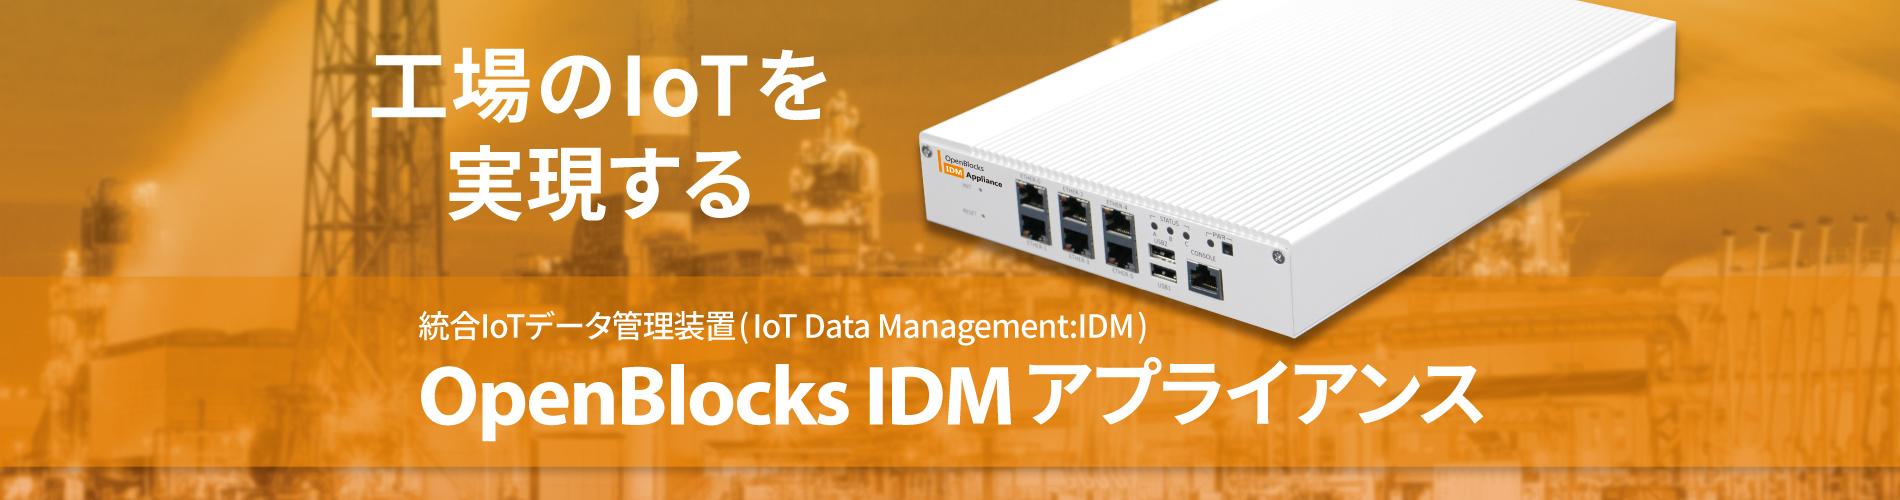 工場のIoTを実現するOpenBlocks IDMアプライアンス